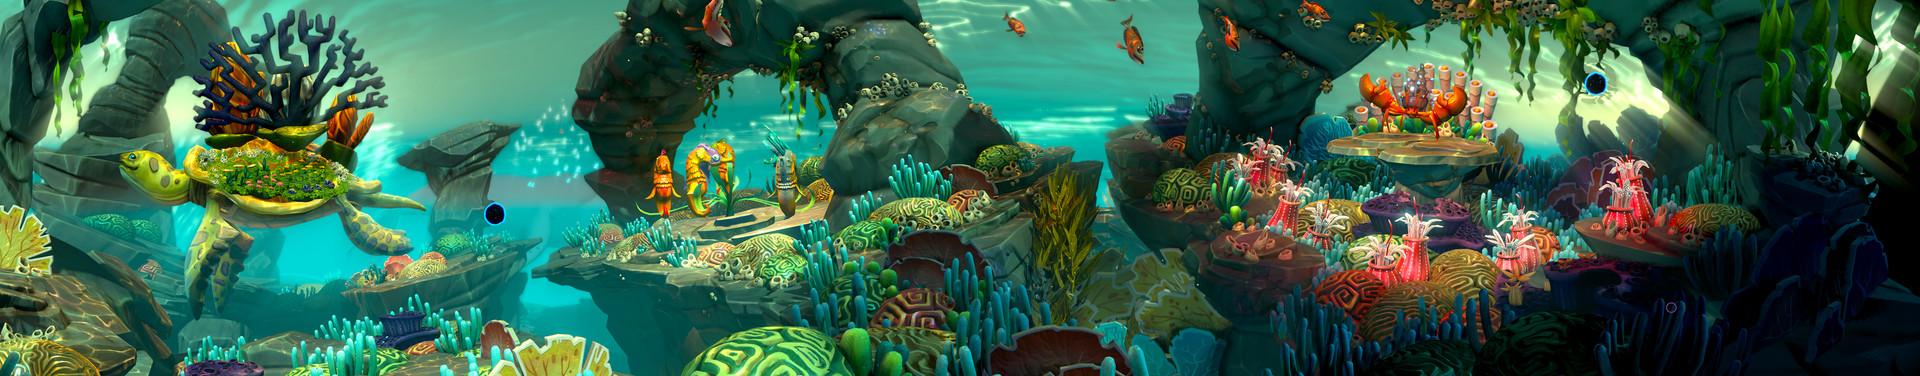 Shawn witt underwater 01